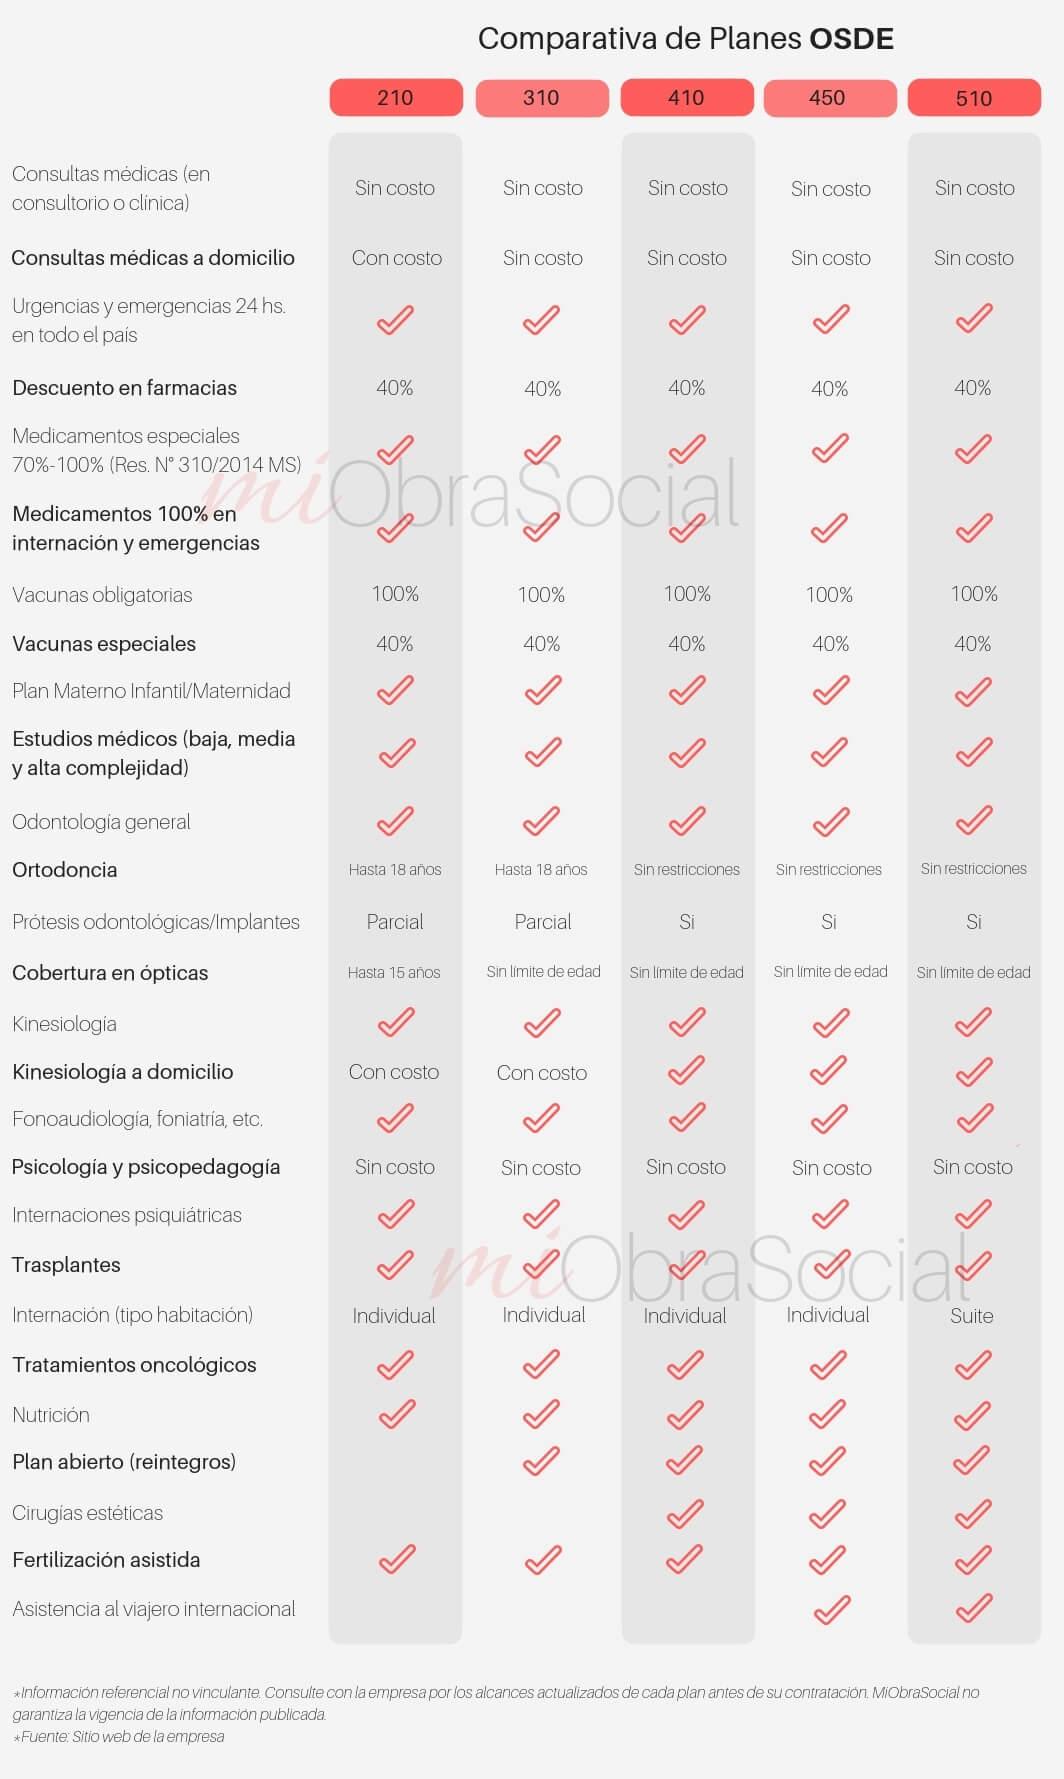 Comparativa Planes OSDE: 210 vs 310 vs 410 vs 450 vs 510